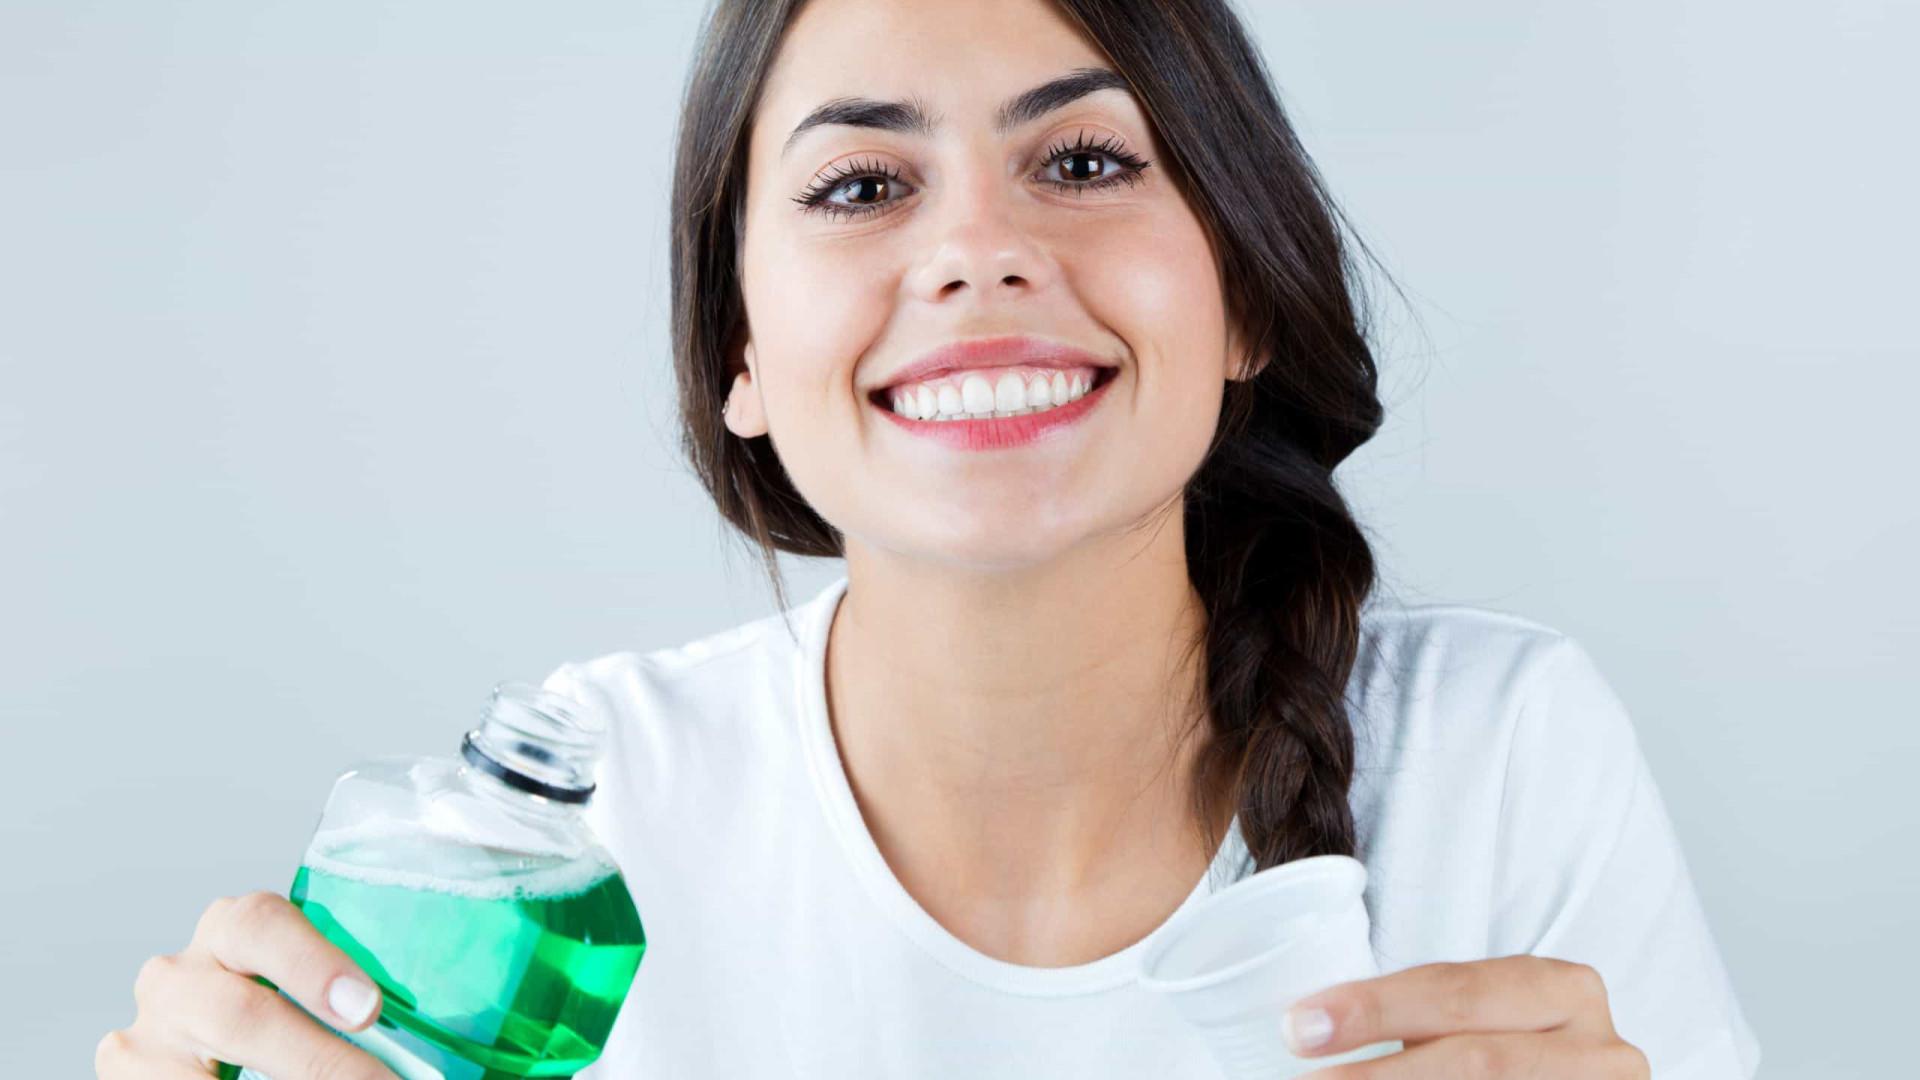 Entenda por que não usar enxaguante bucal após exercício físico